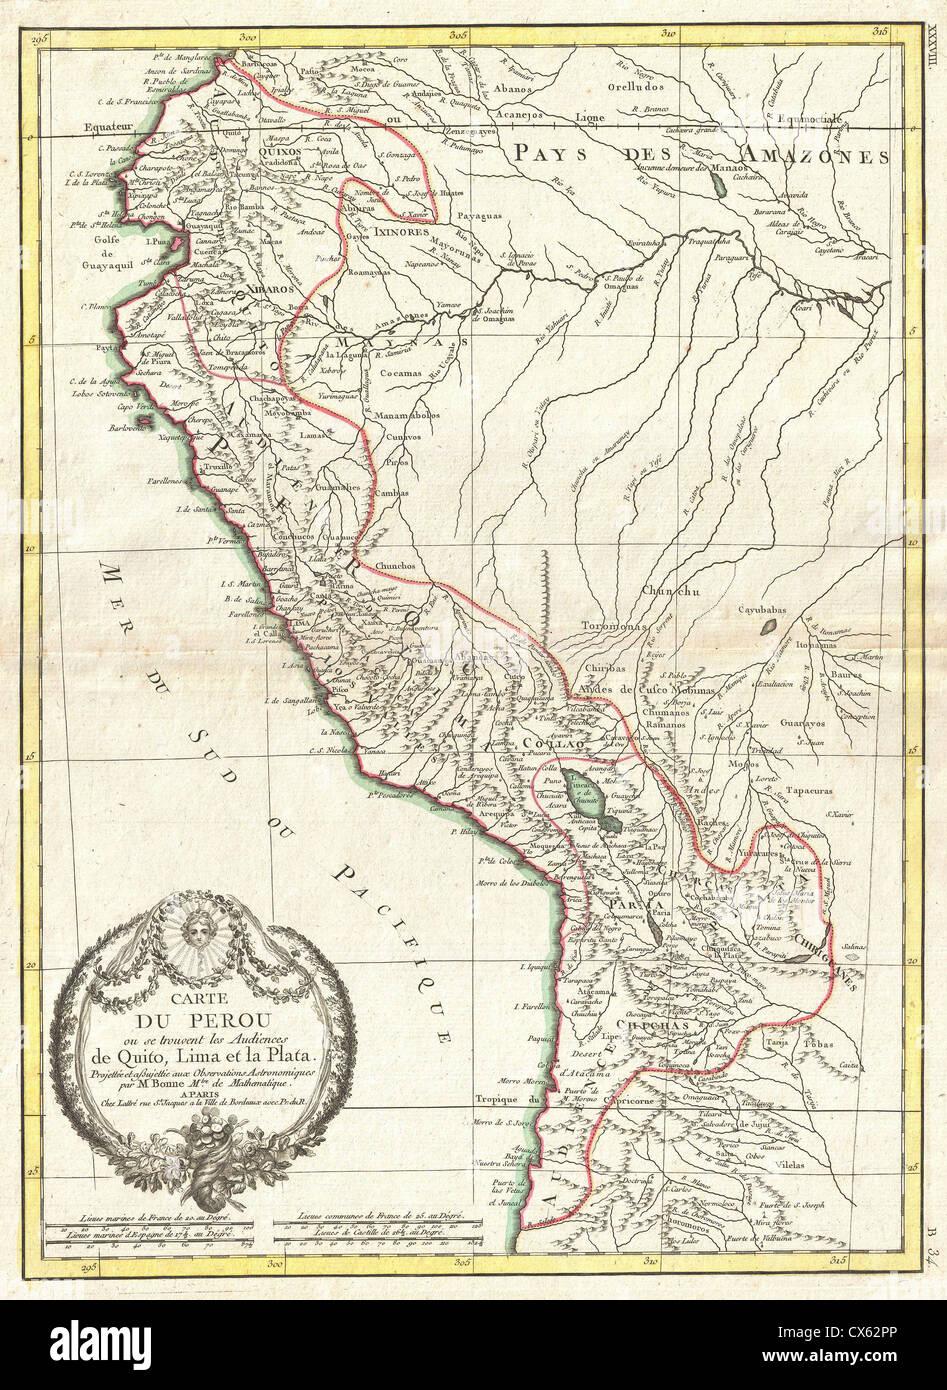 Antique map of ecuador stock photos antique map of ecuador stock 1775 bonne map of peru ecuador bolivia and the western amazon stock gumiabroncs Choice Image